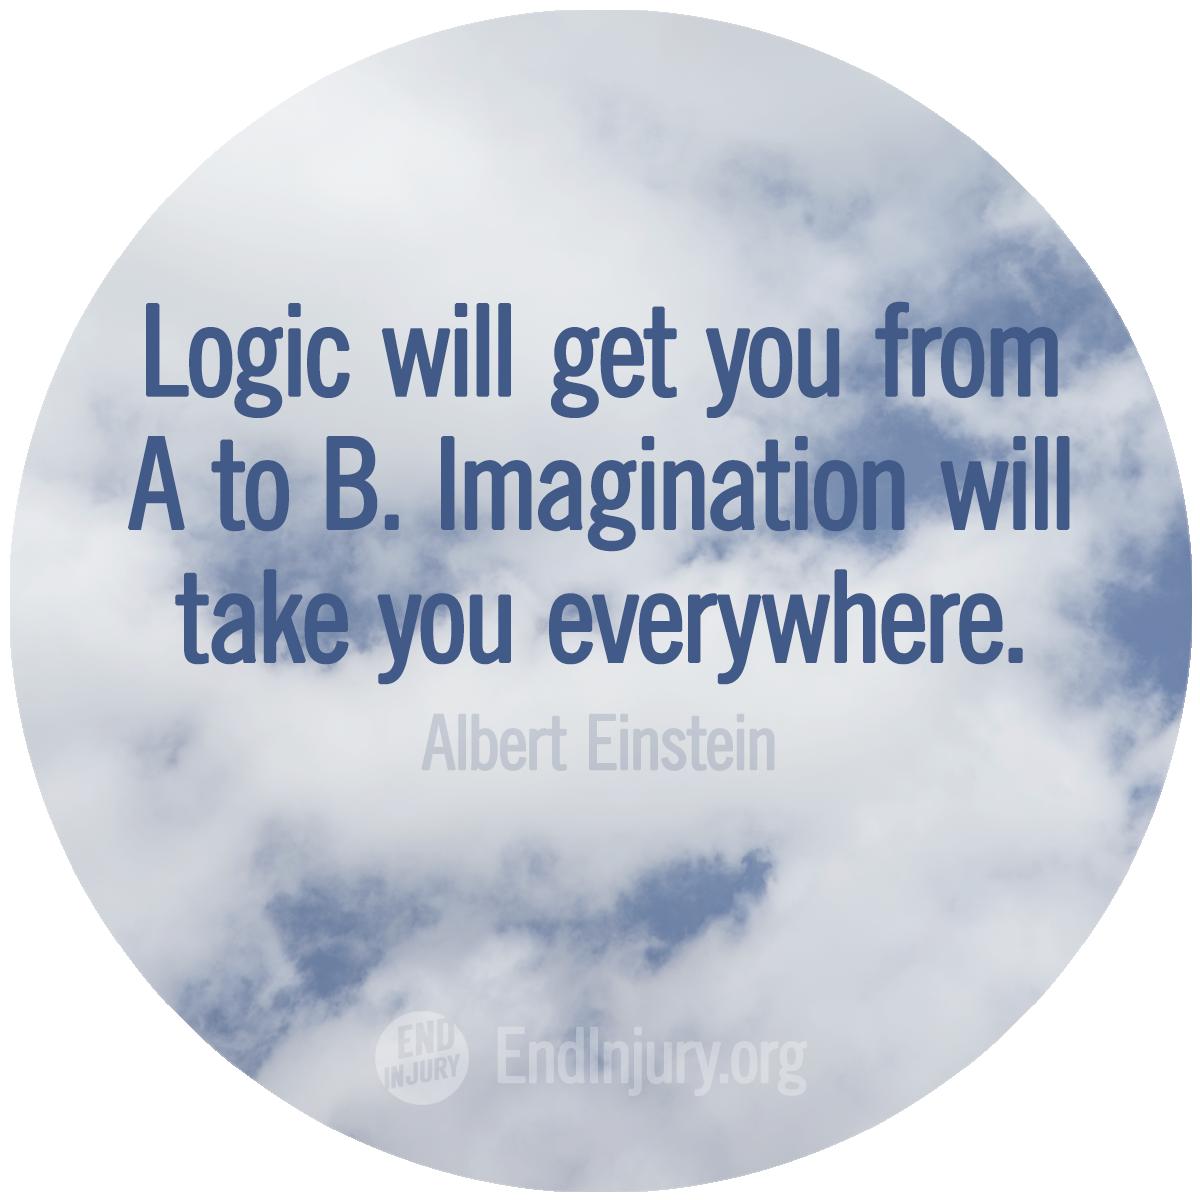 logic-imagination-einstein-quote-photo.png